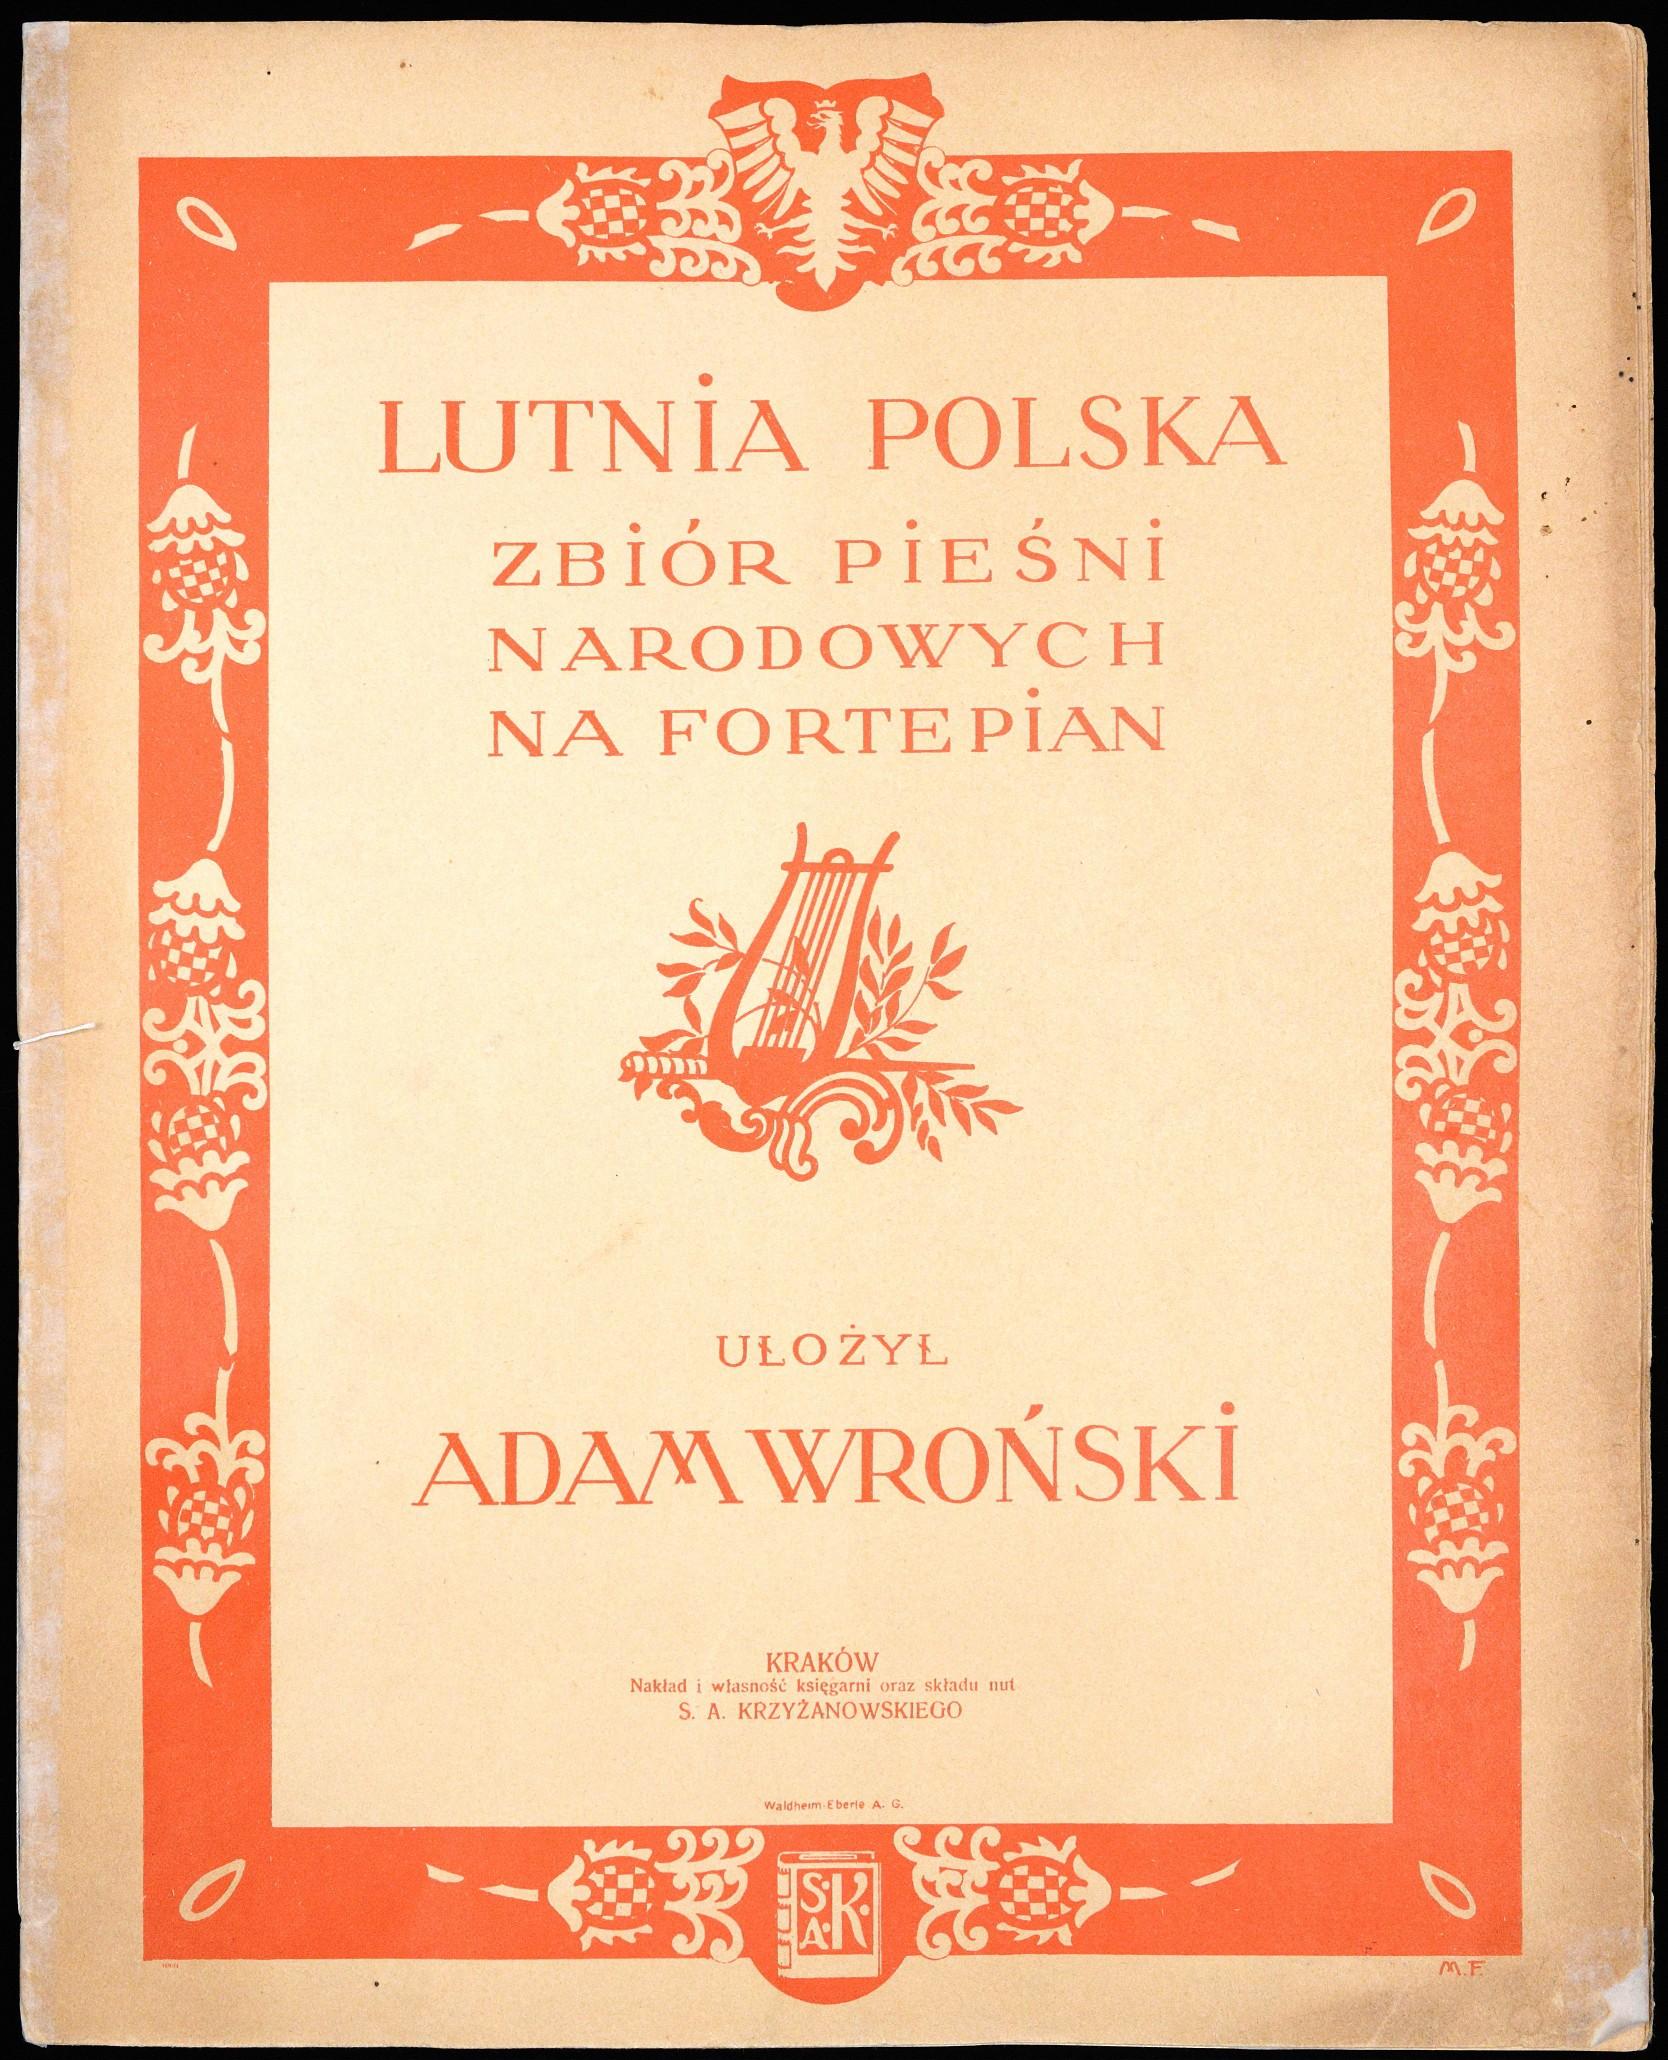 Piotr Boroń Co Polacy śpiewali W Dobie Odzyskania